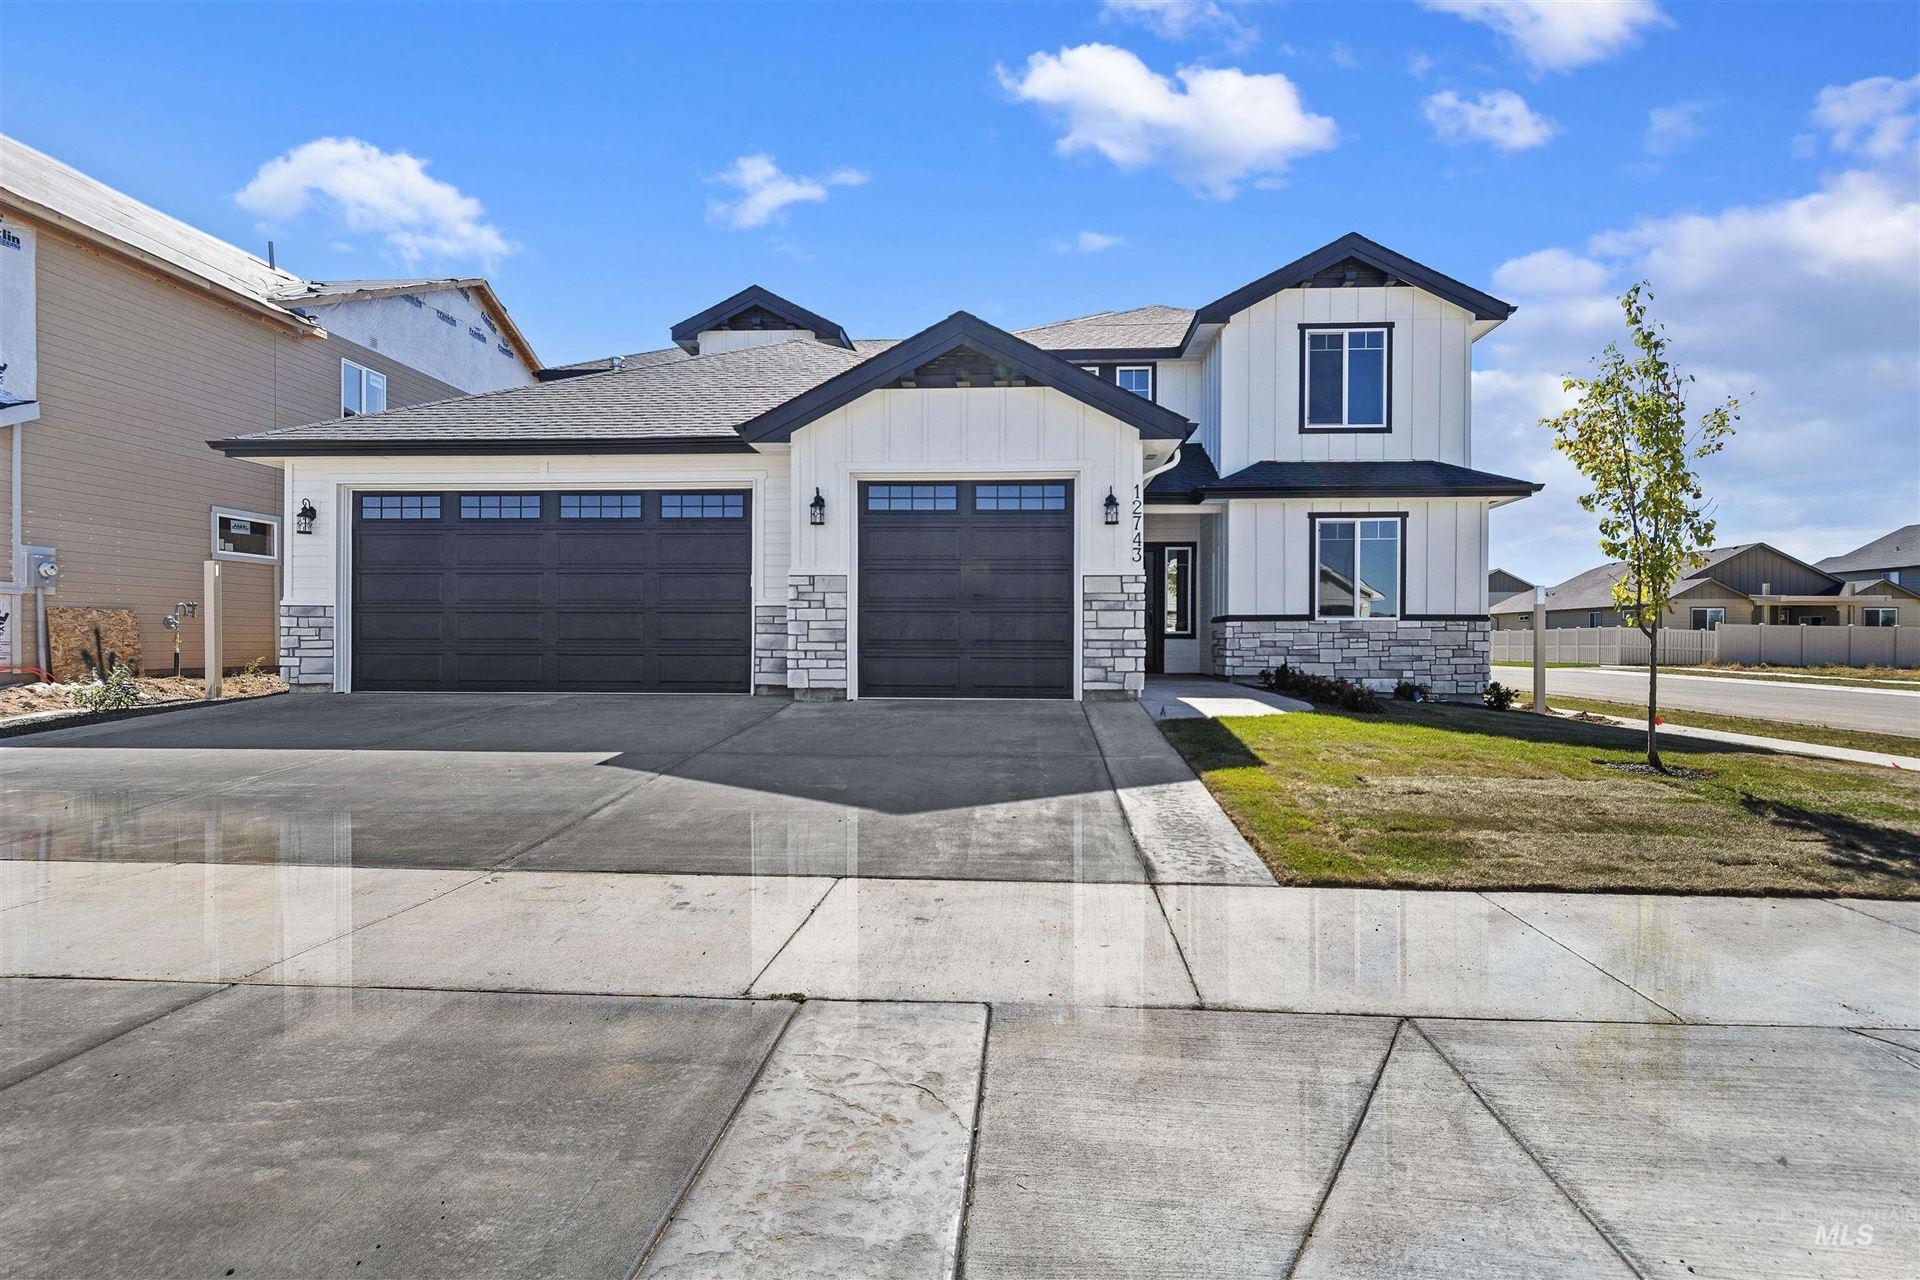 12473 W Brentor St., Boise, ID 83709 - MLS#: 98820927